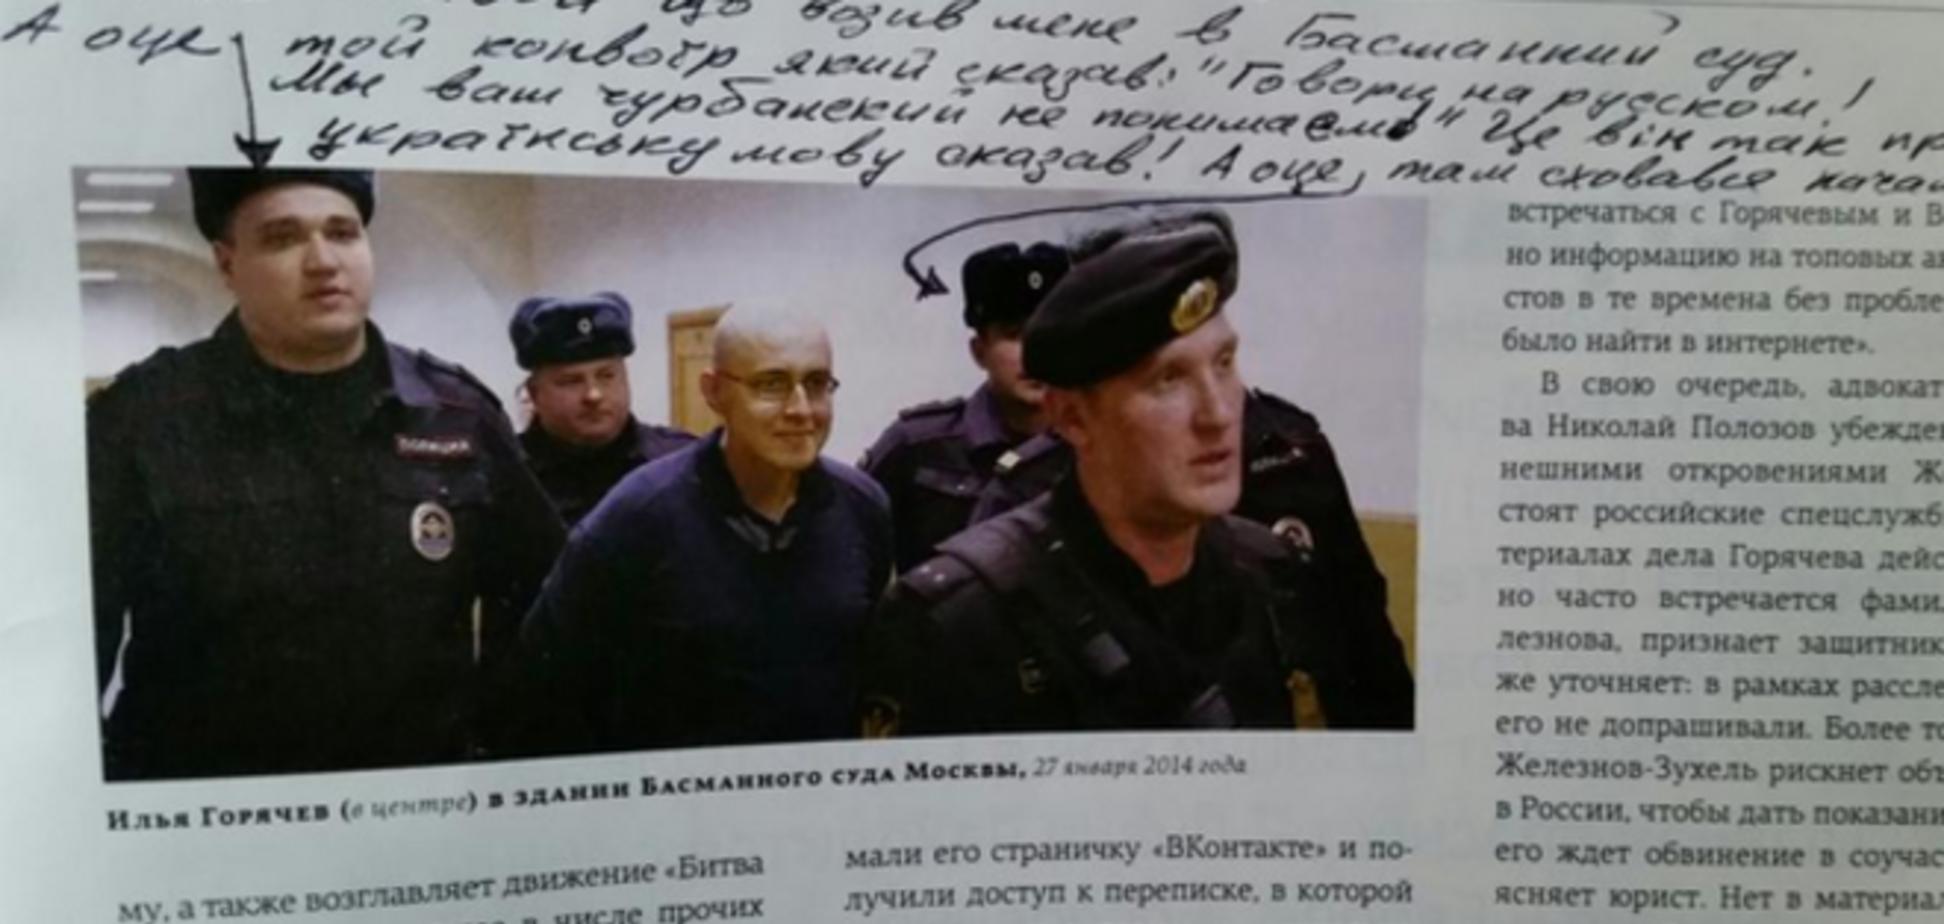 Савченко узнала на фото оскорблявшего ее конвоира. Ему 'скоро передадут привет'